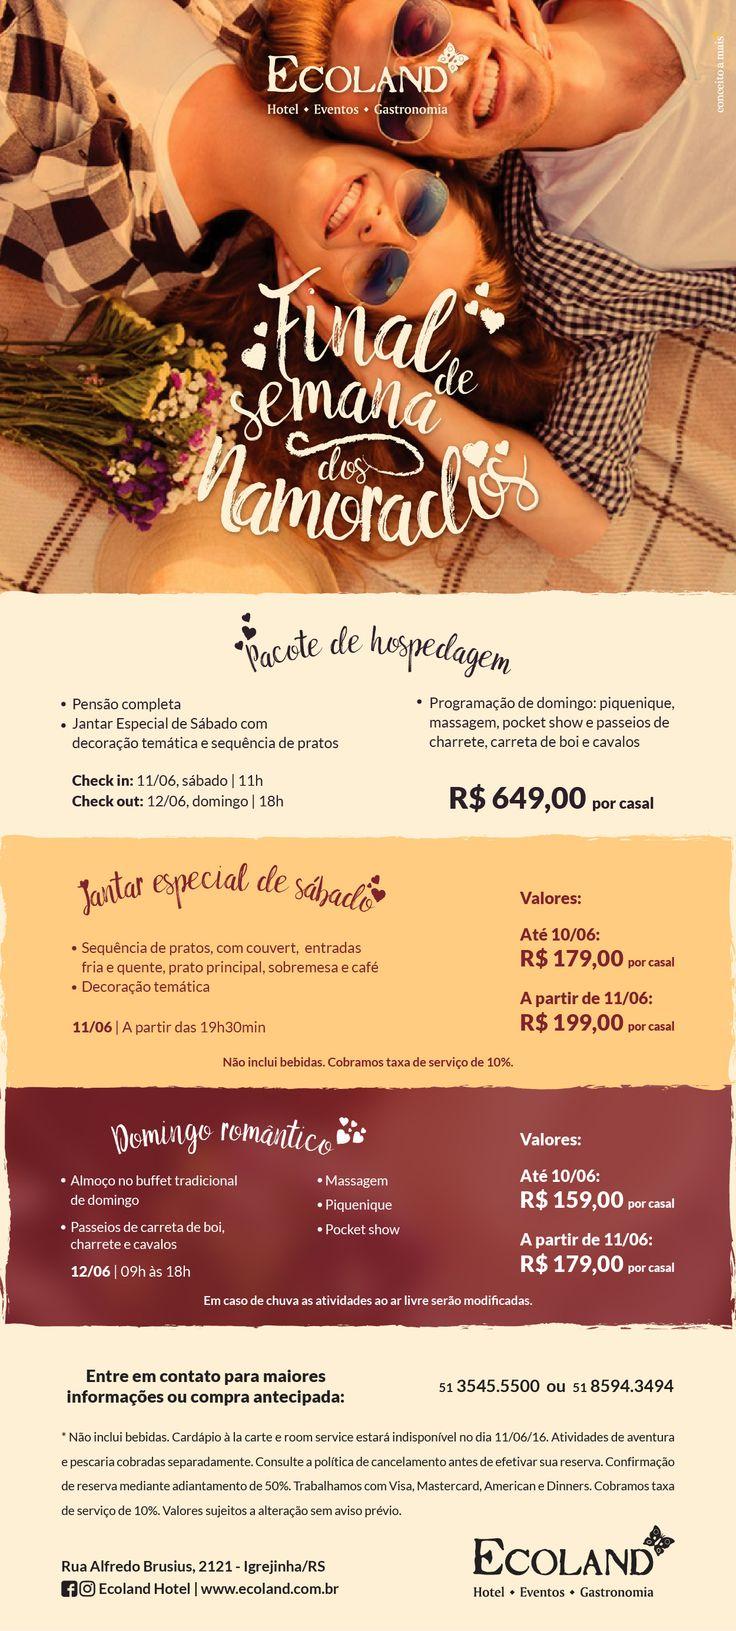 Campanha desenvolvida pela Agência Conceito para o Ecoland Hotel de Igrejinha/RS